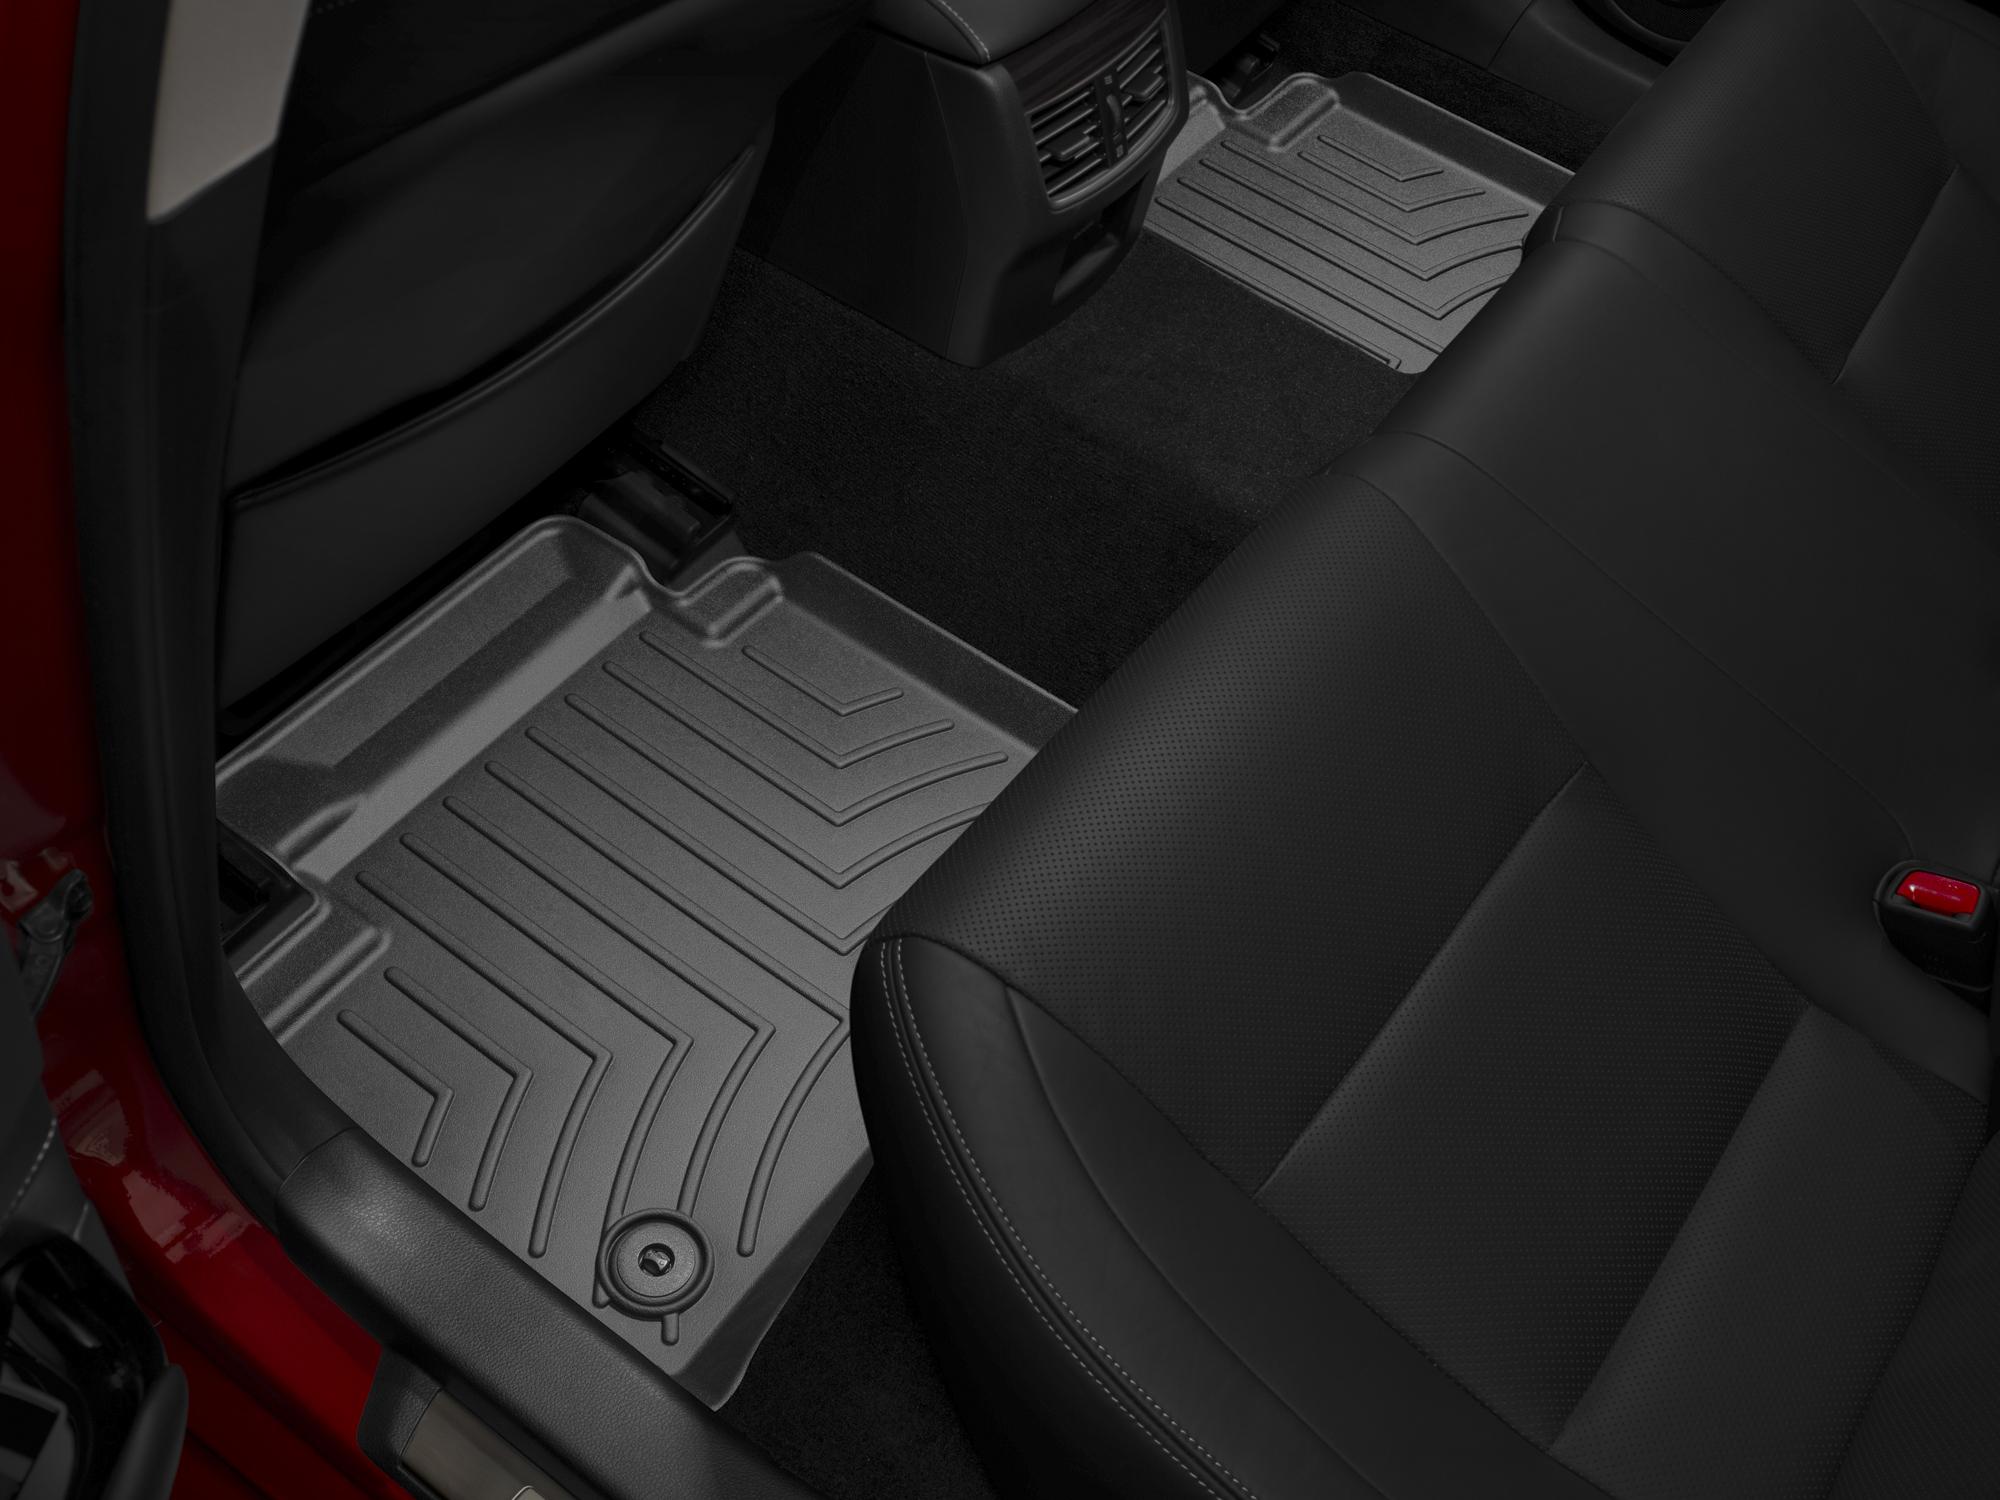 Tappeti gomma su misura bordo alto Lexus GS 13>17 Nero A2019